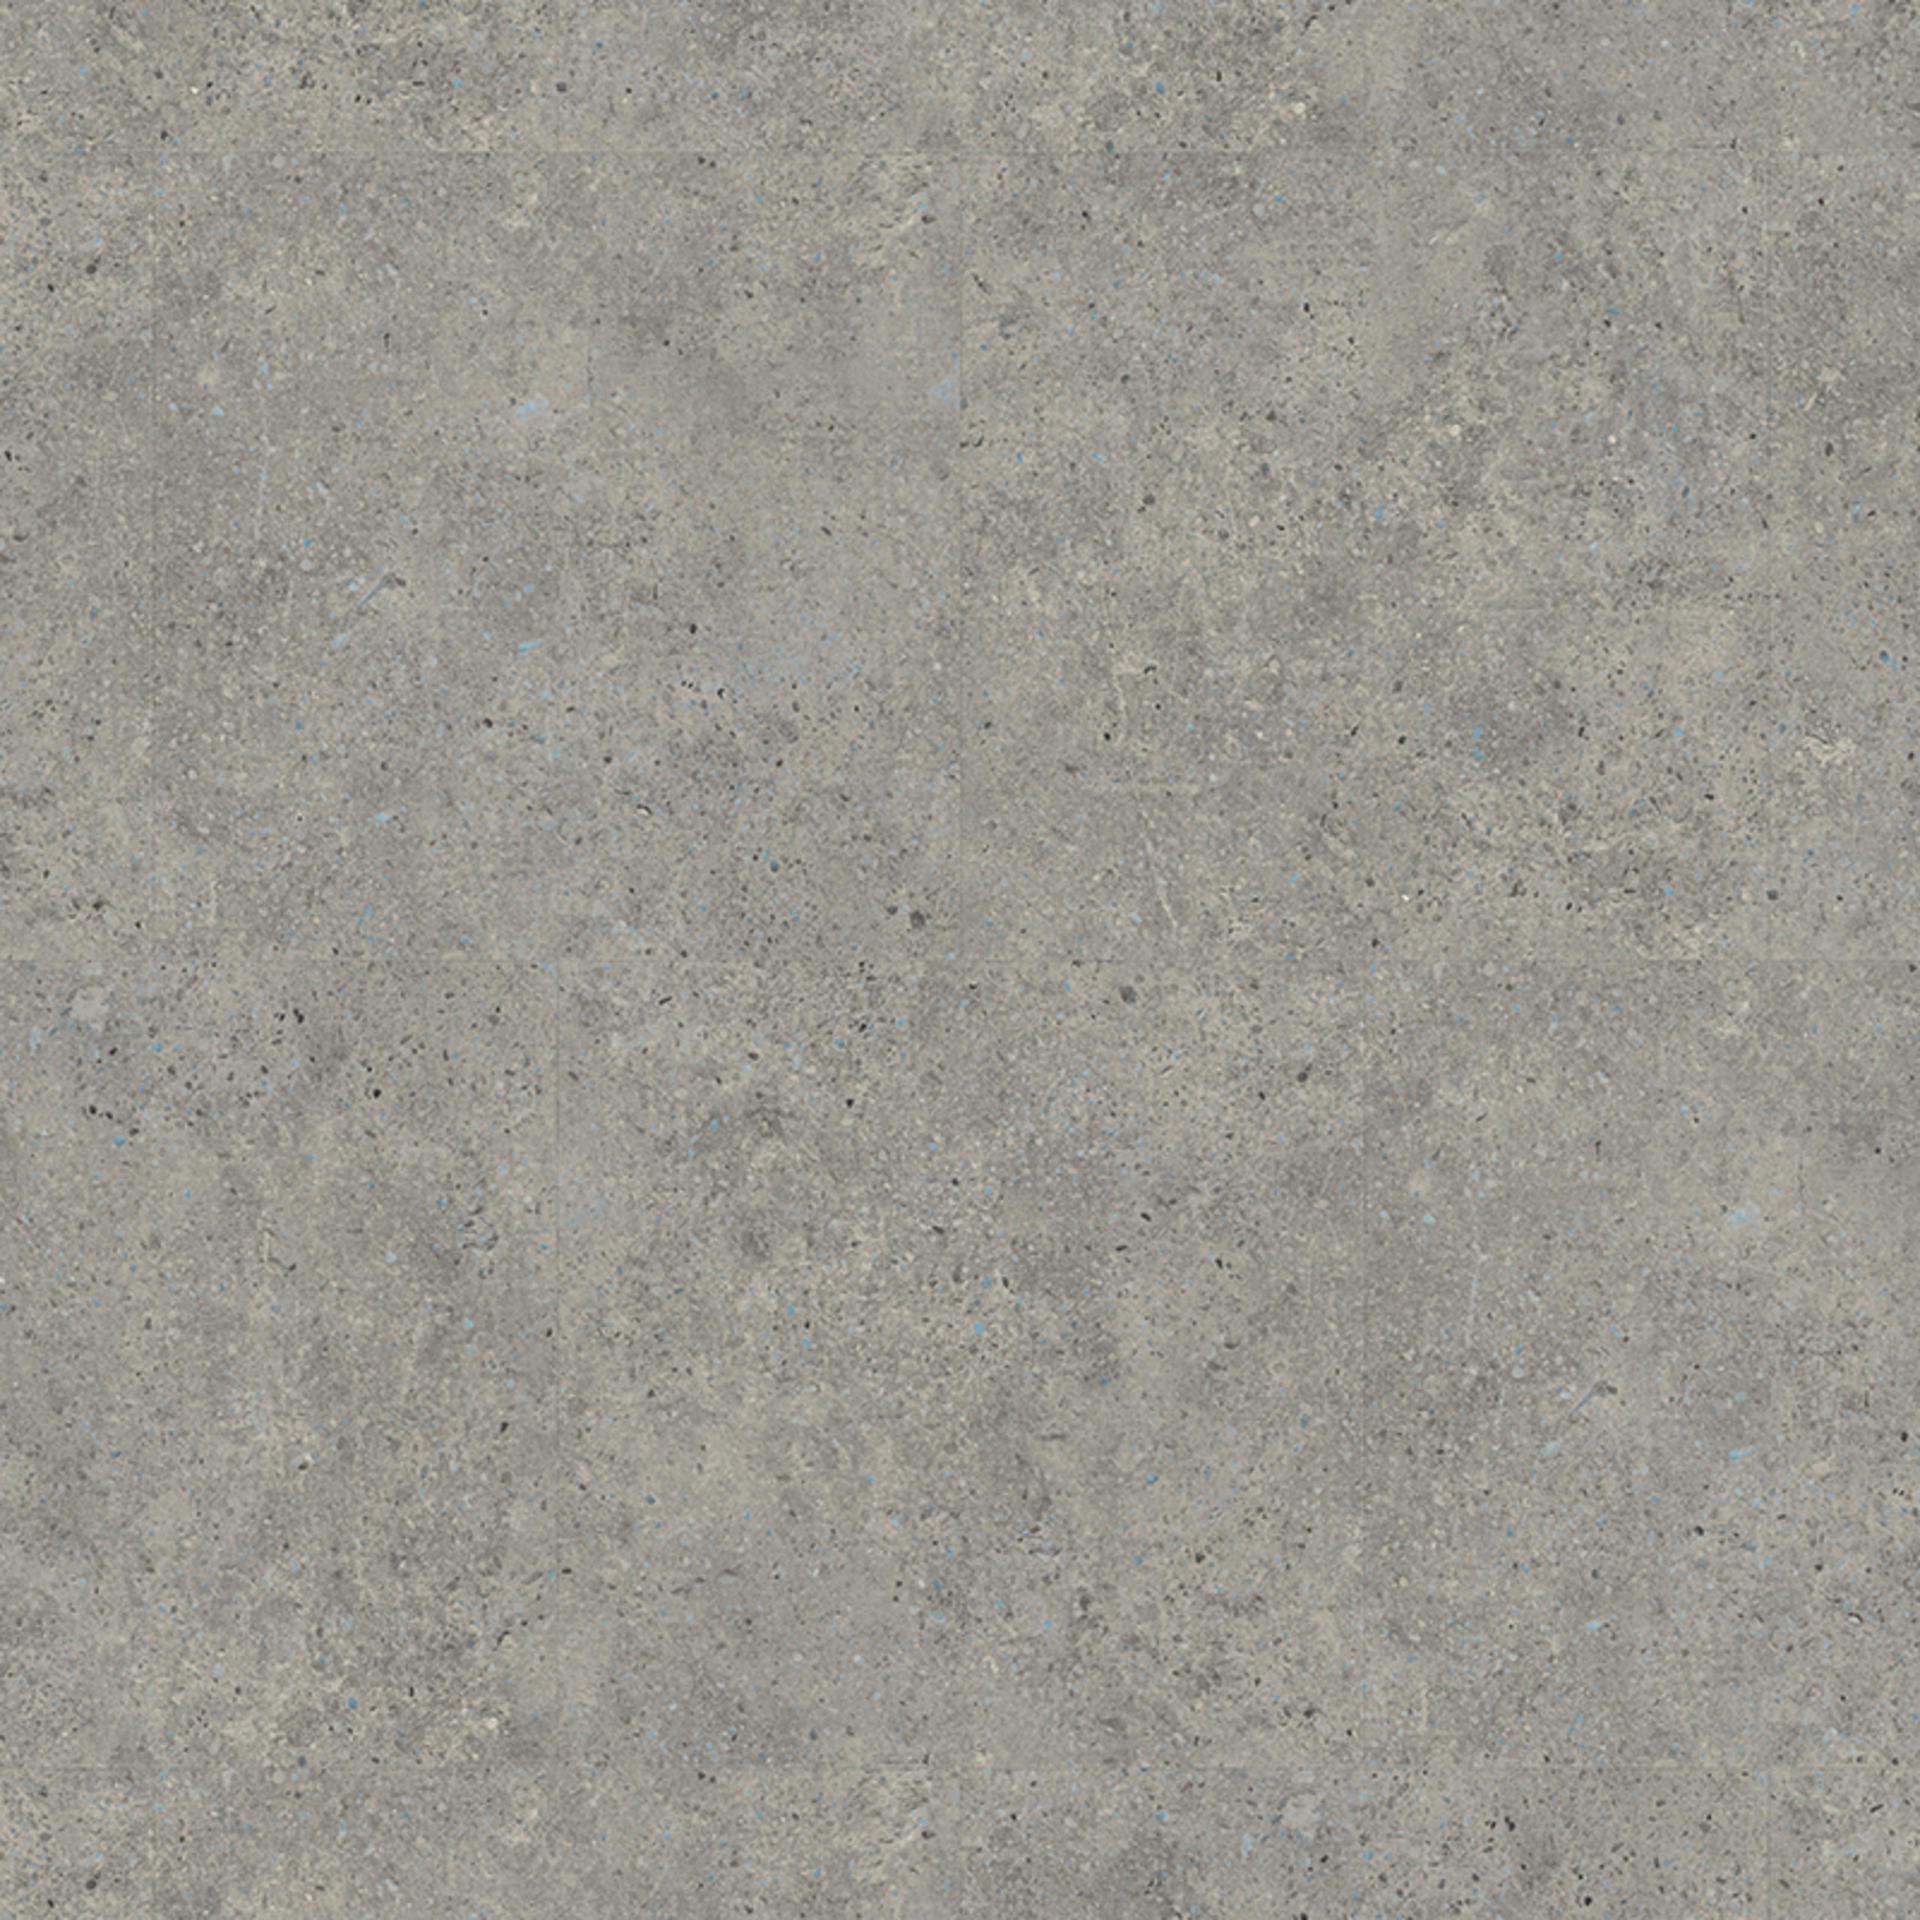 terrazzo grey premium vloeren vloeren van een hoge kwaliteit